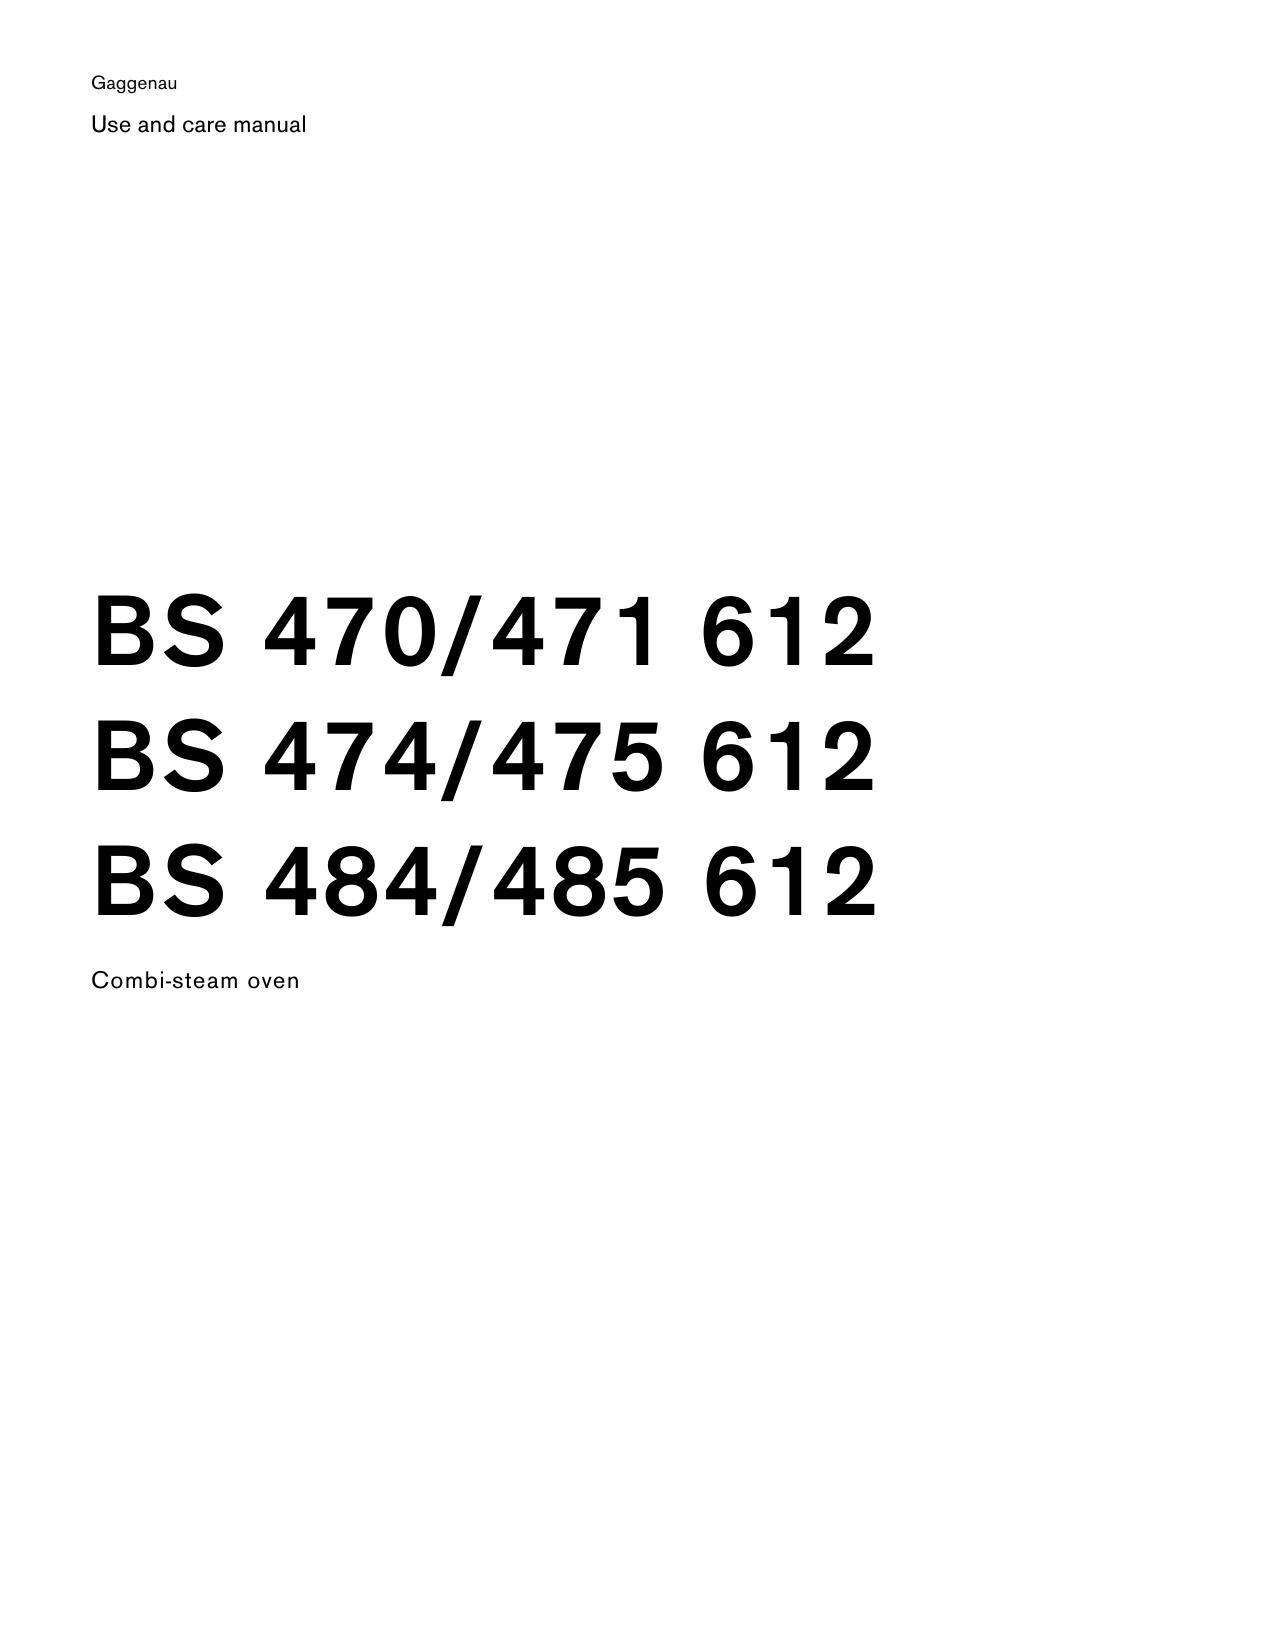 Gaggenau BS 470 612 /471 612, BS 474 612, BS 475 612, BS